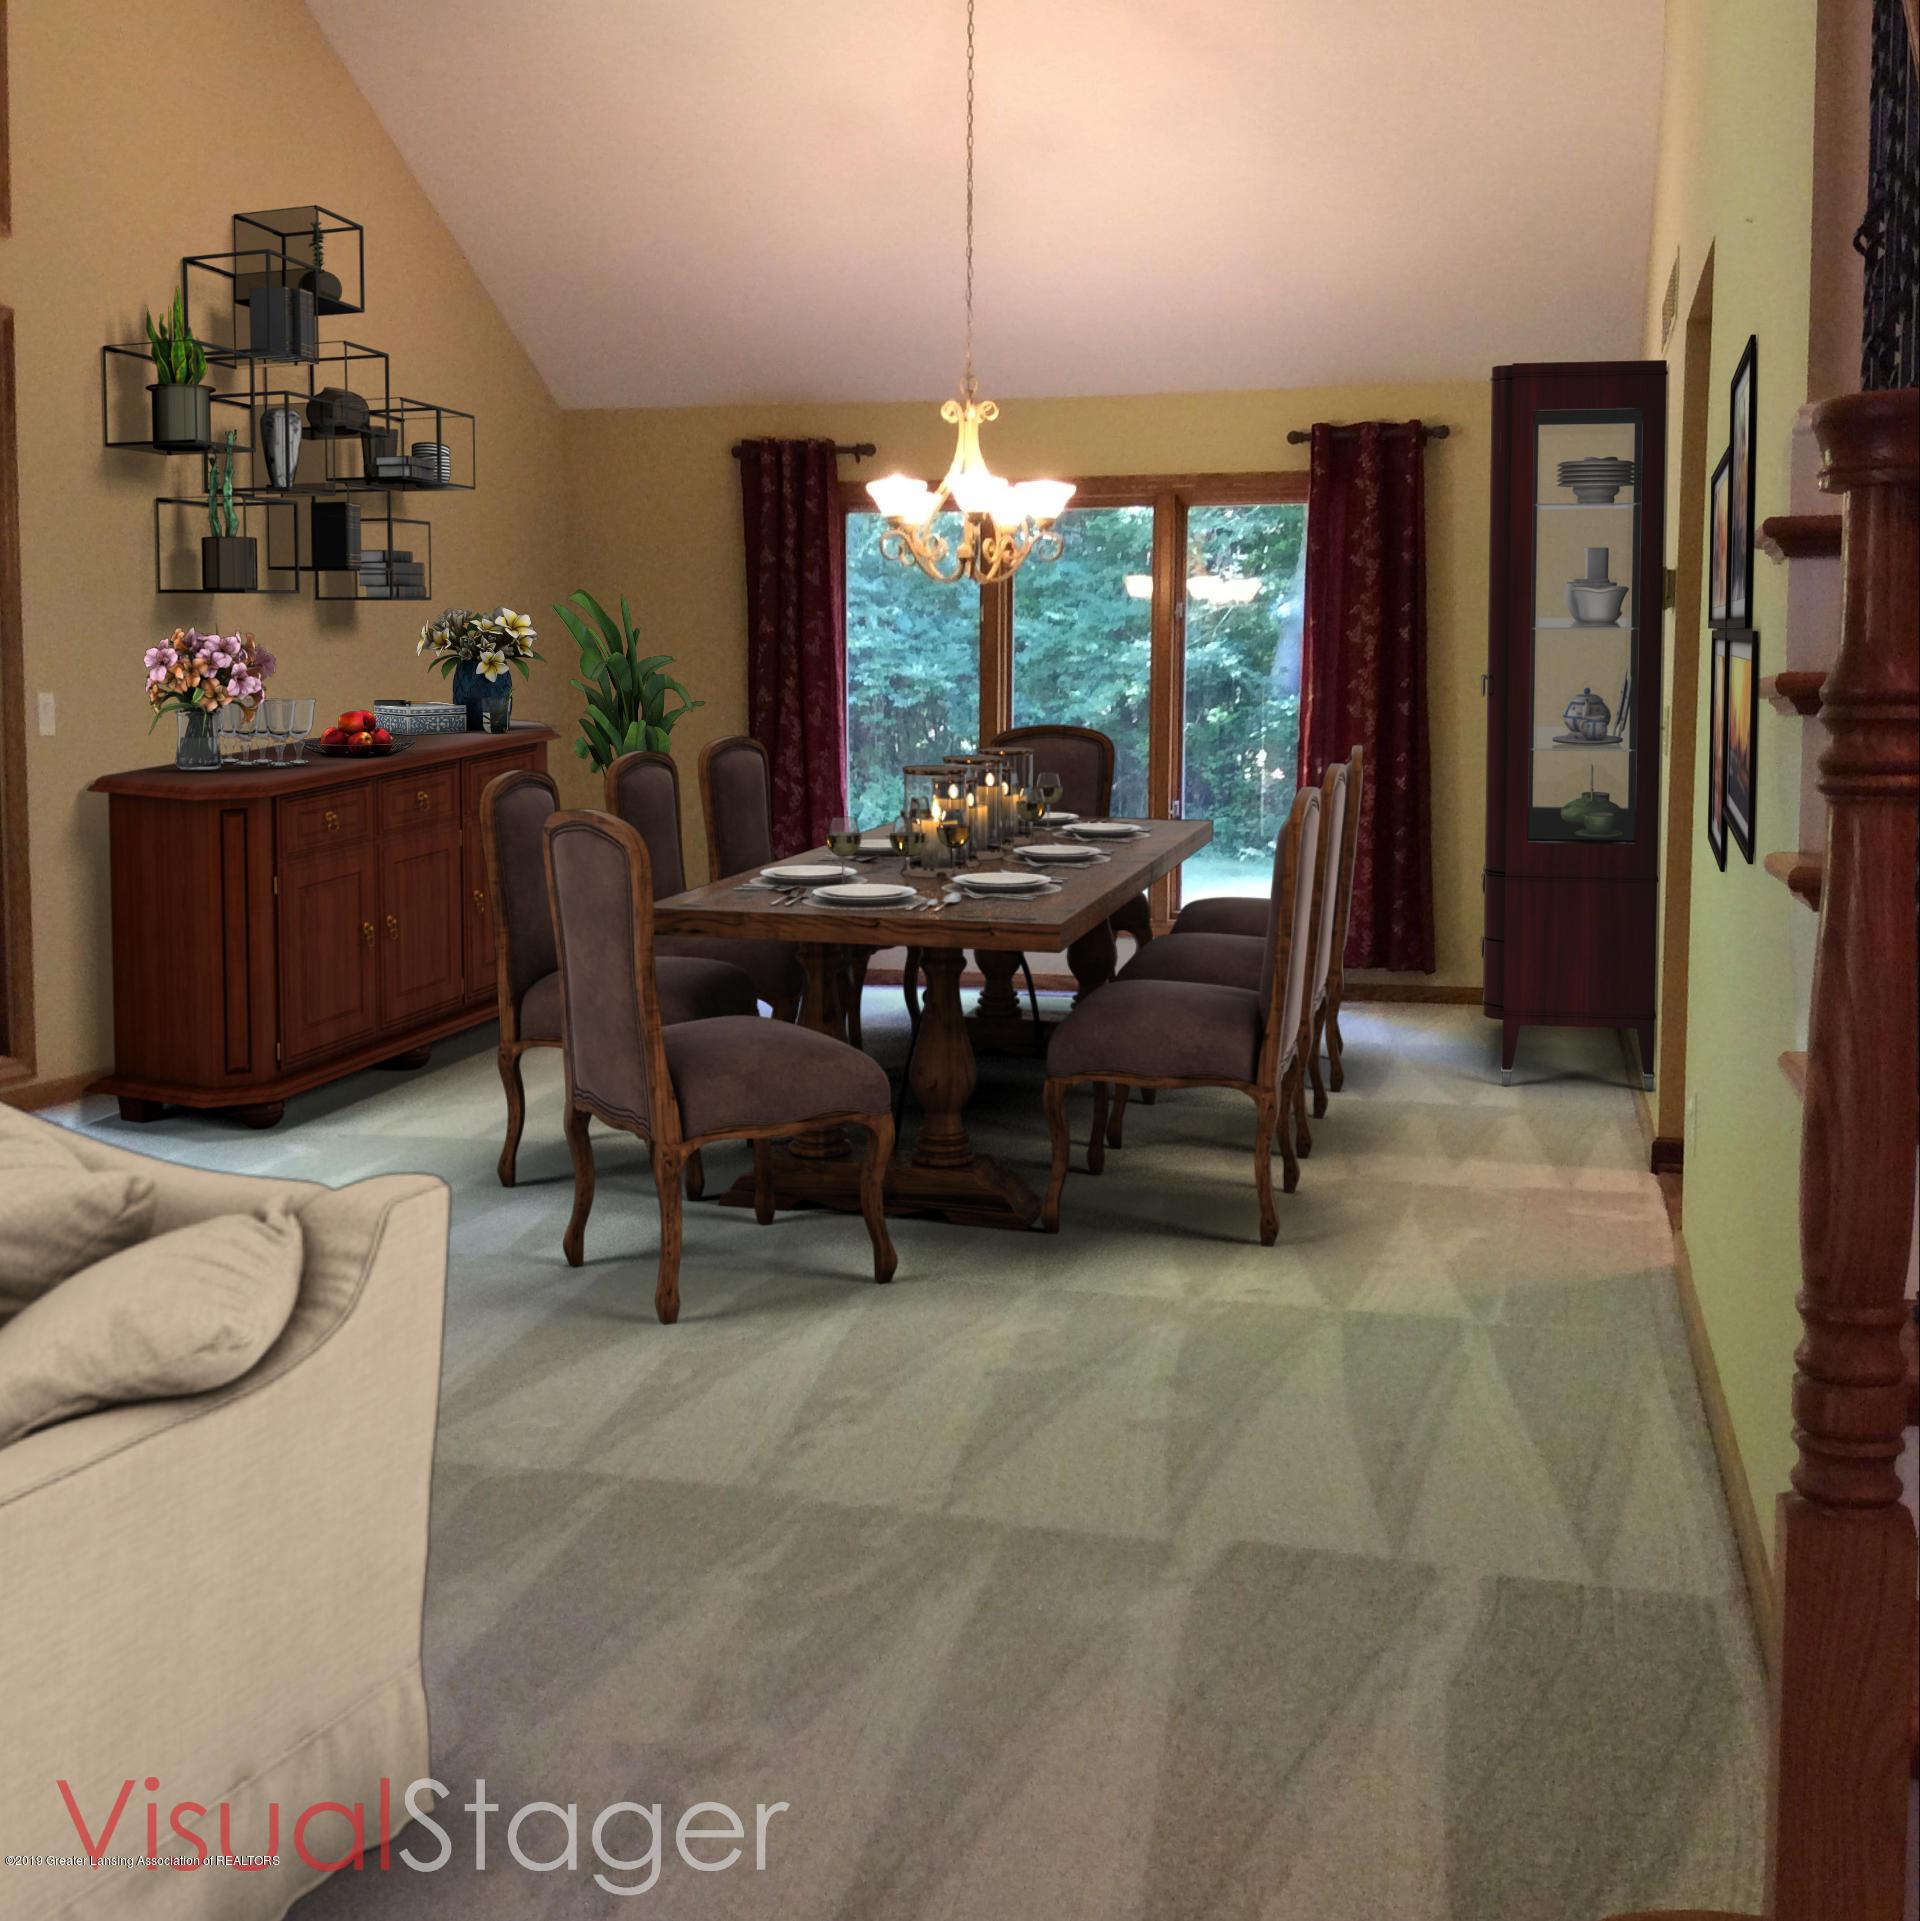 4542 Bracken Woods Dr - Dining Room-scene - 6